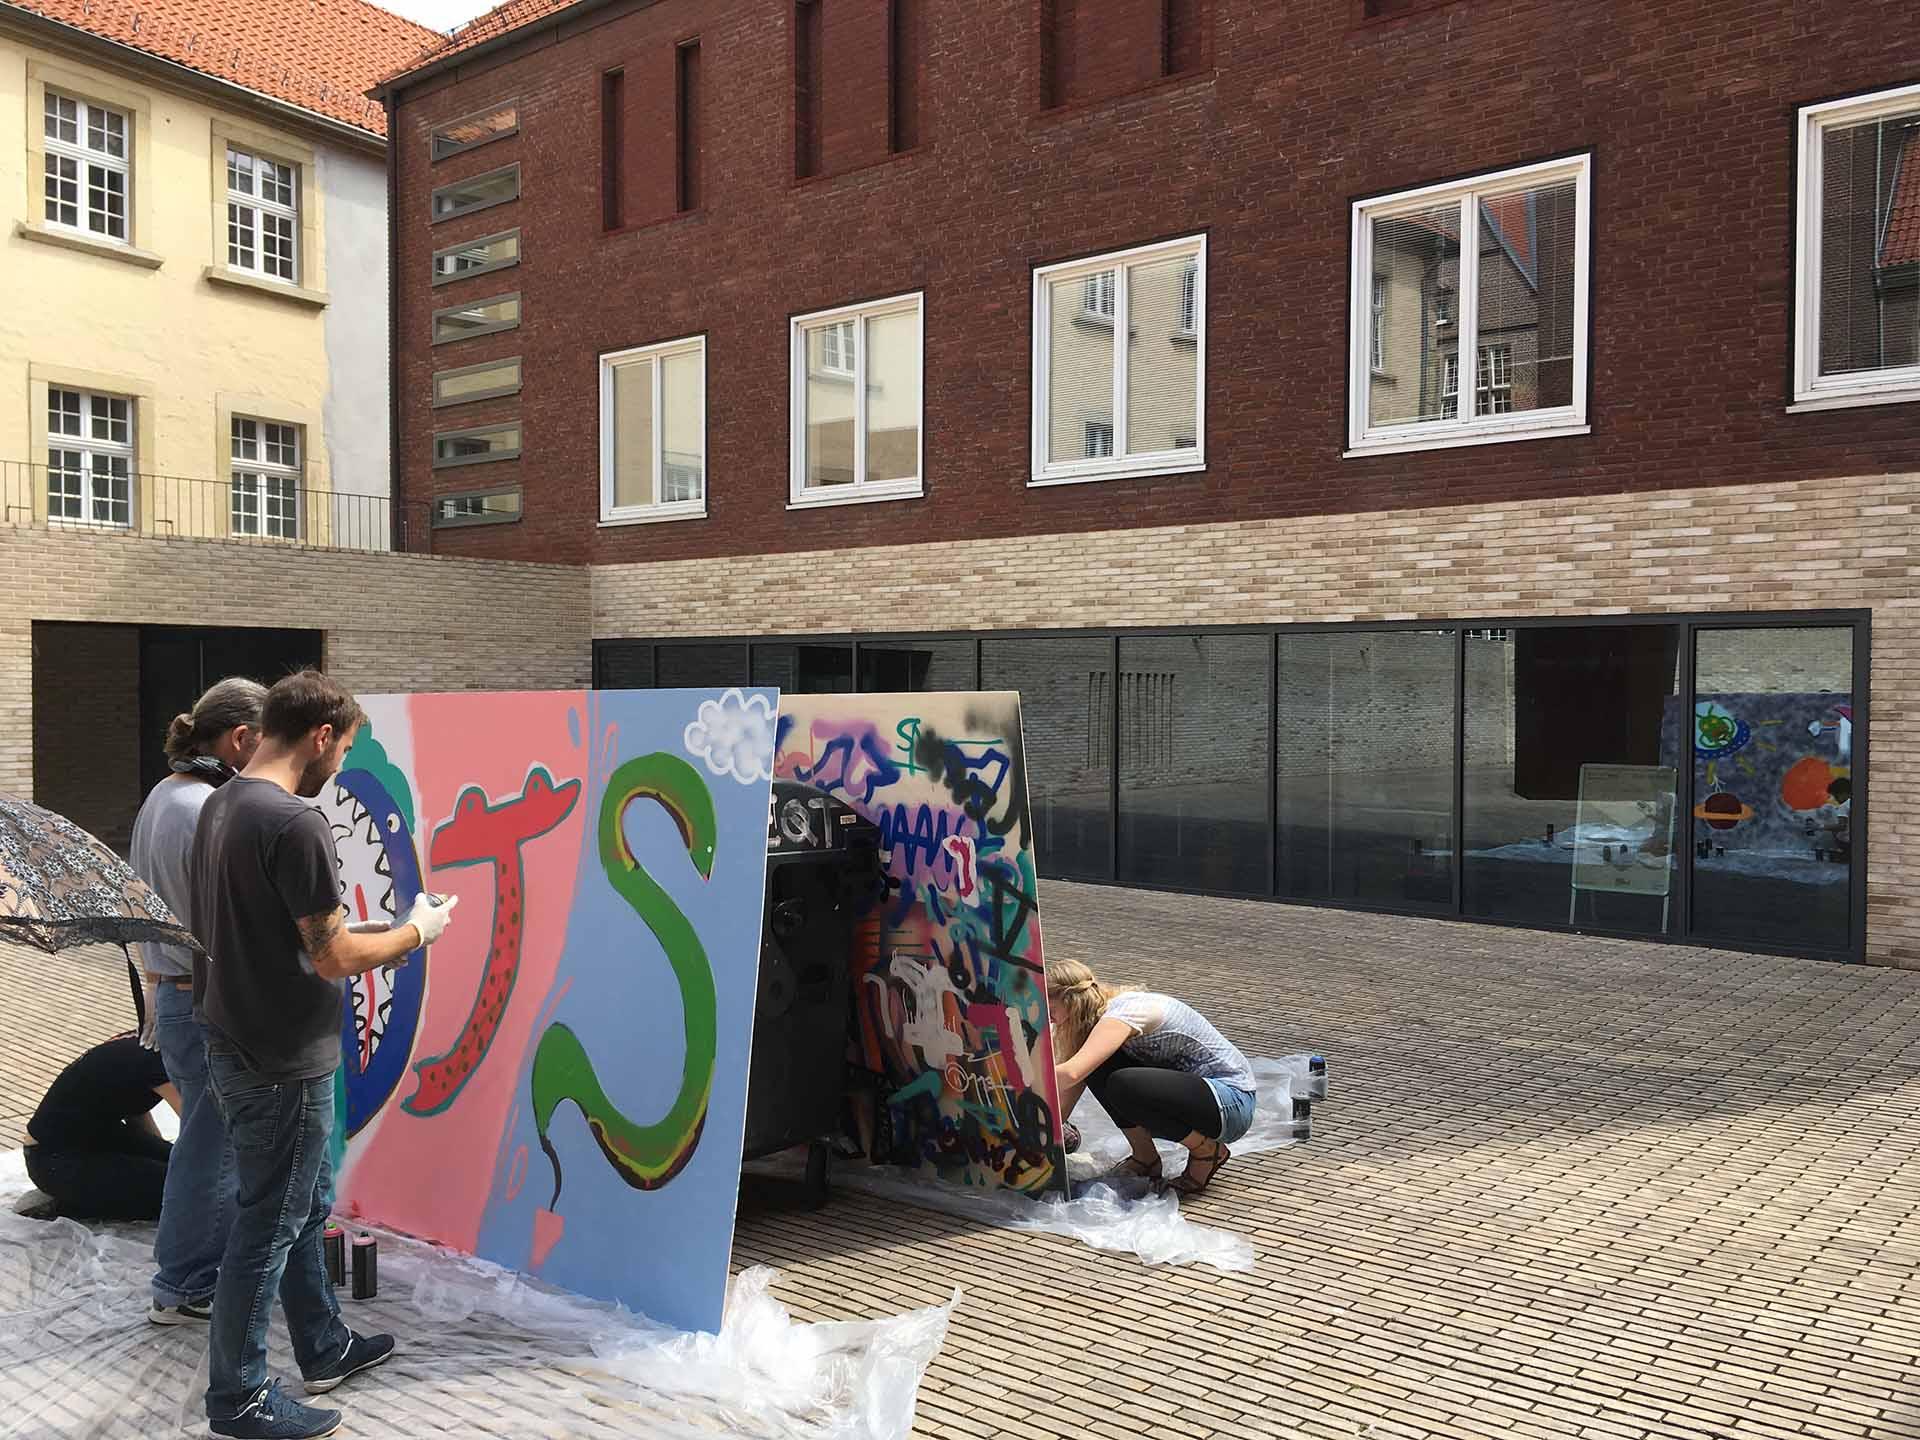 Sprayen, Graffiti-Workshop, Münster, Lernen, Sprühen, Workshop, Schulen, Bennet Grüttner, Motive, Kreativ, Team